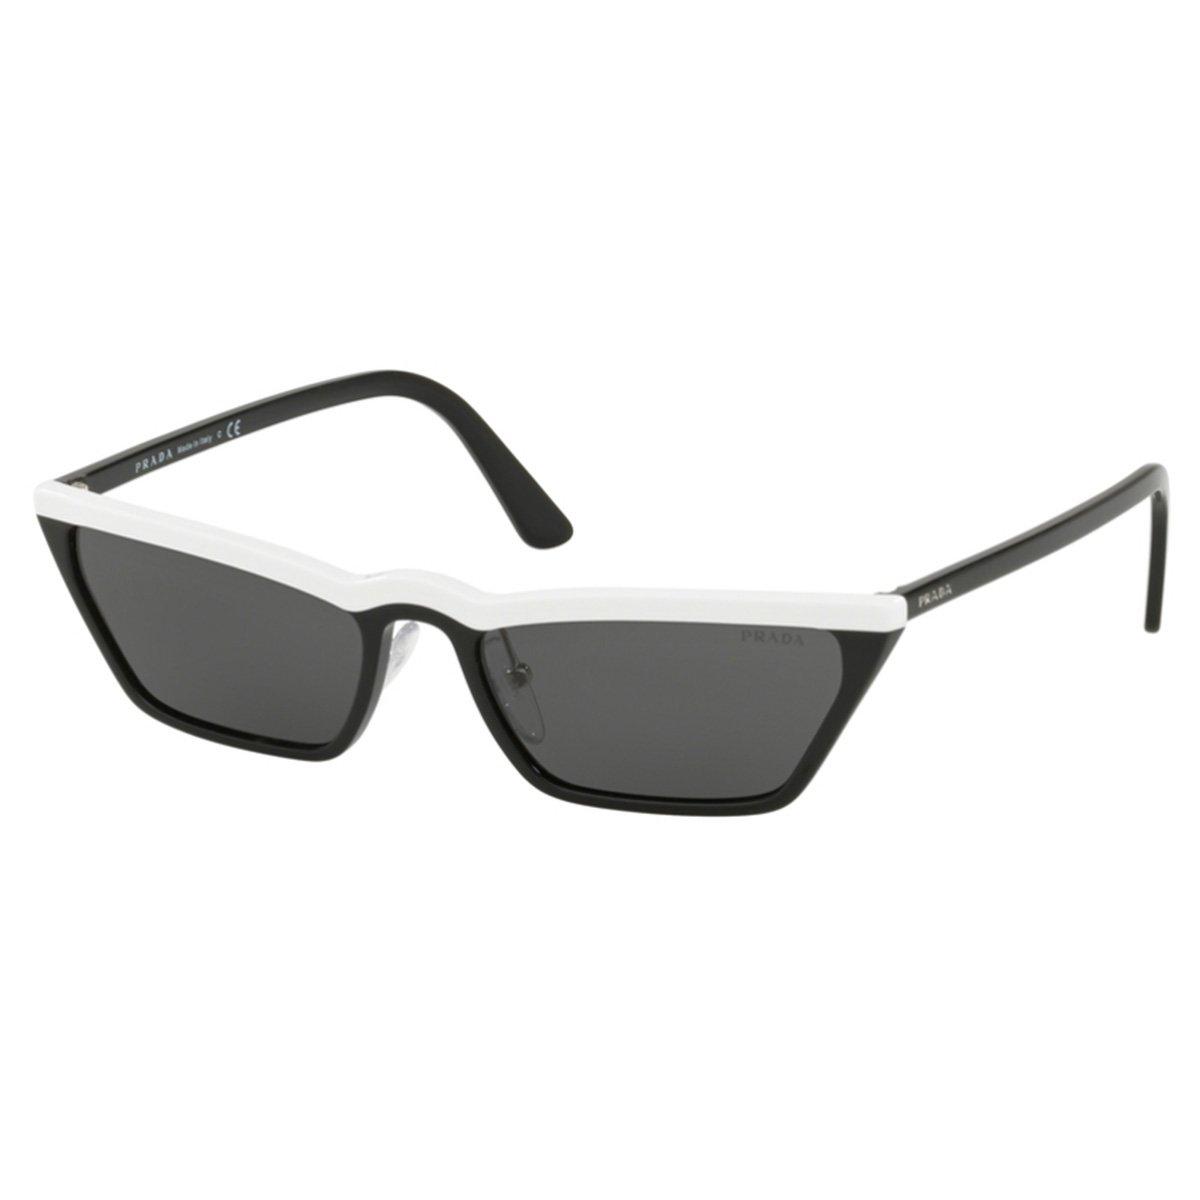 Compre Óculos de Sol Prada Catwalk em 10X   Tri-Jóia Shop e38f1c5cb6